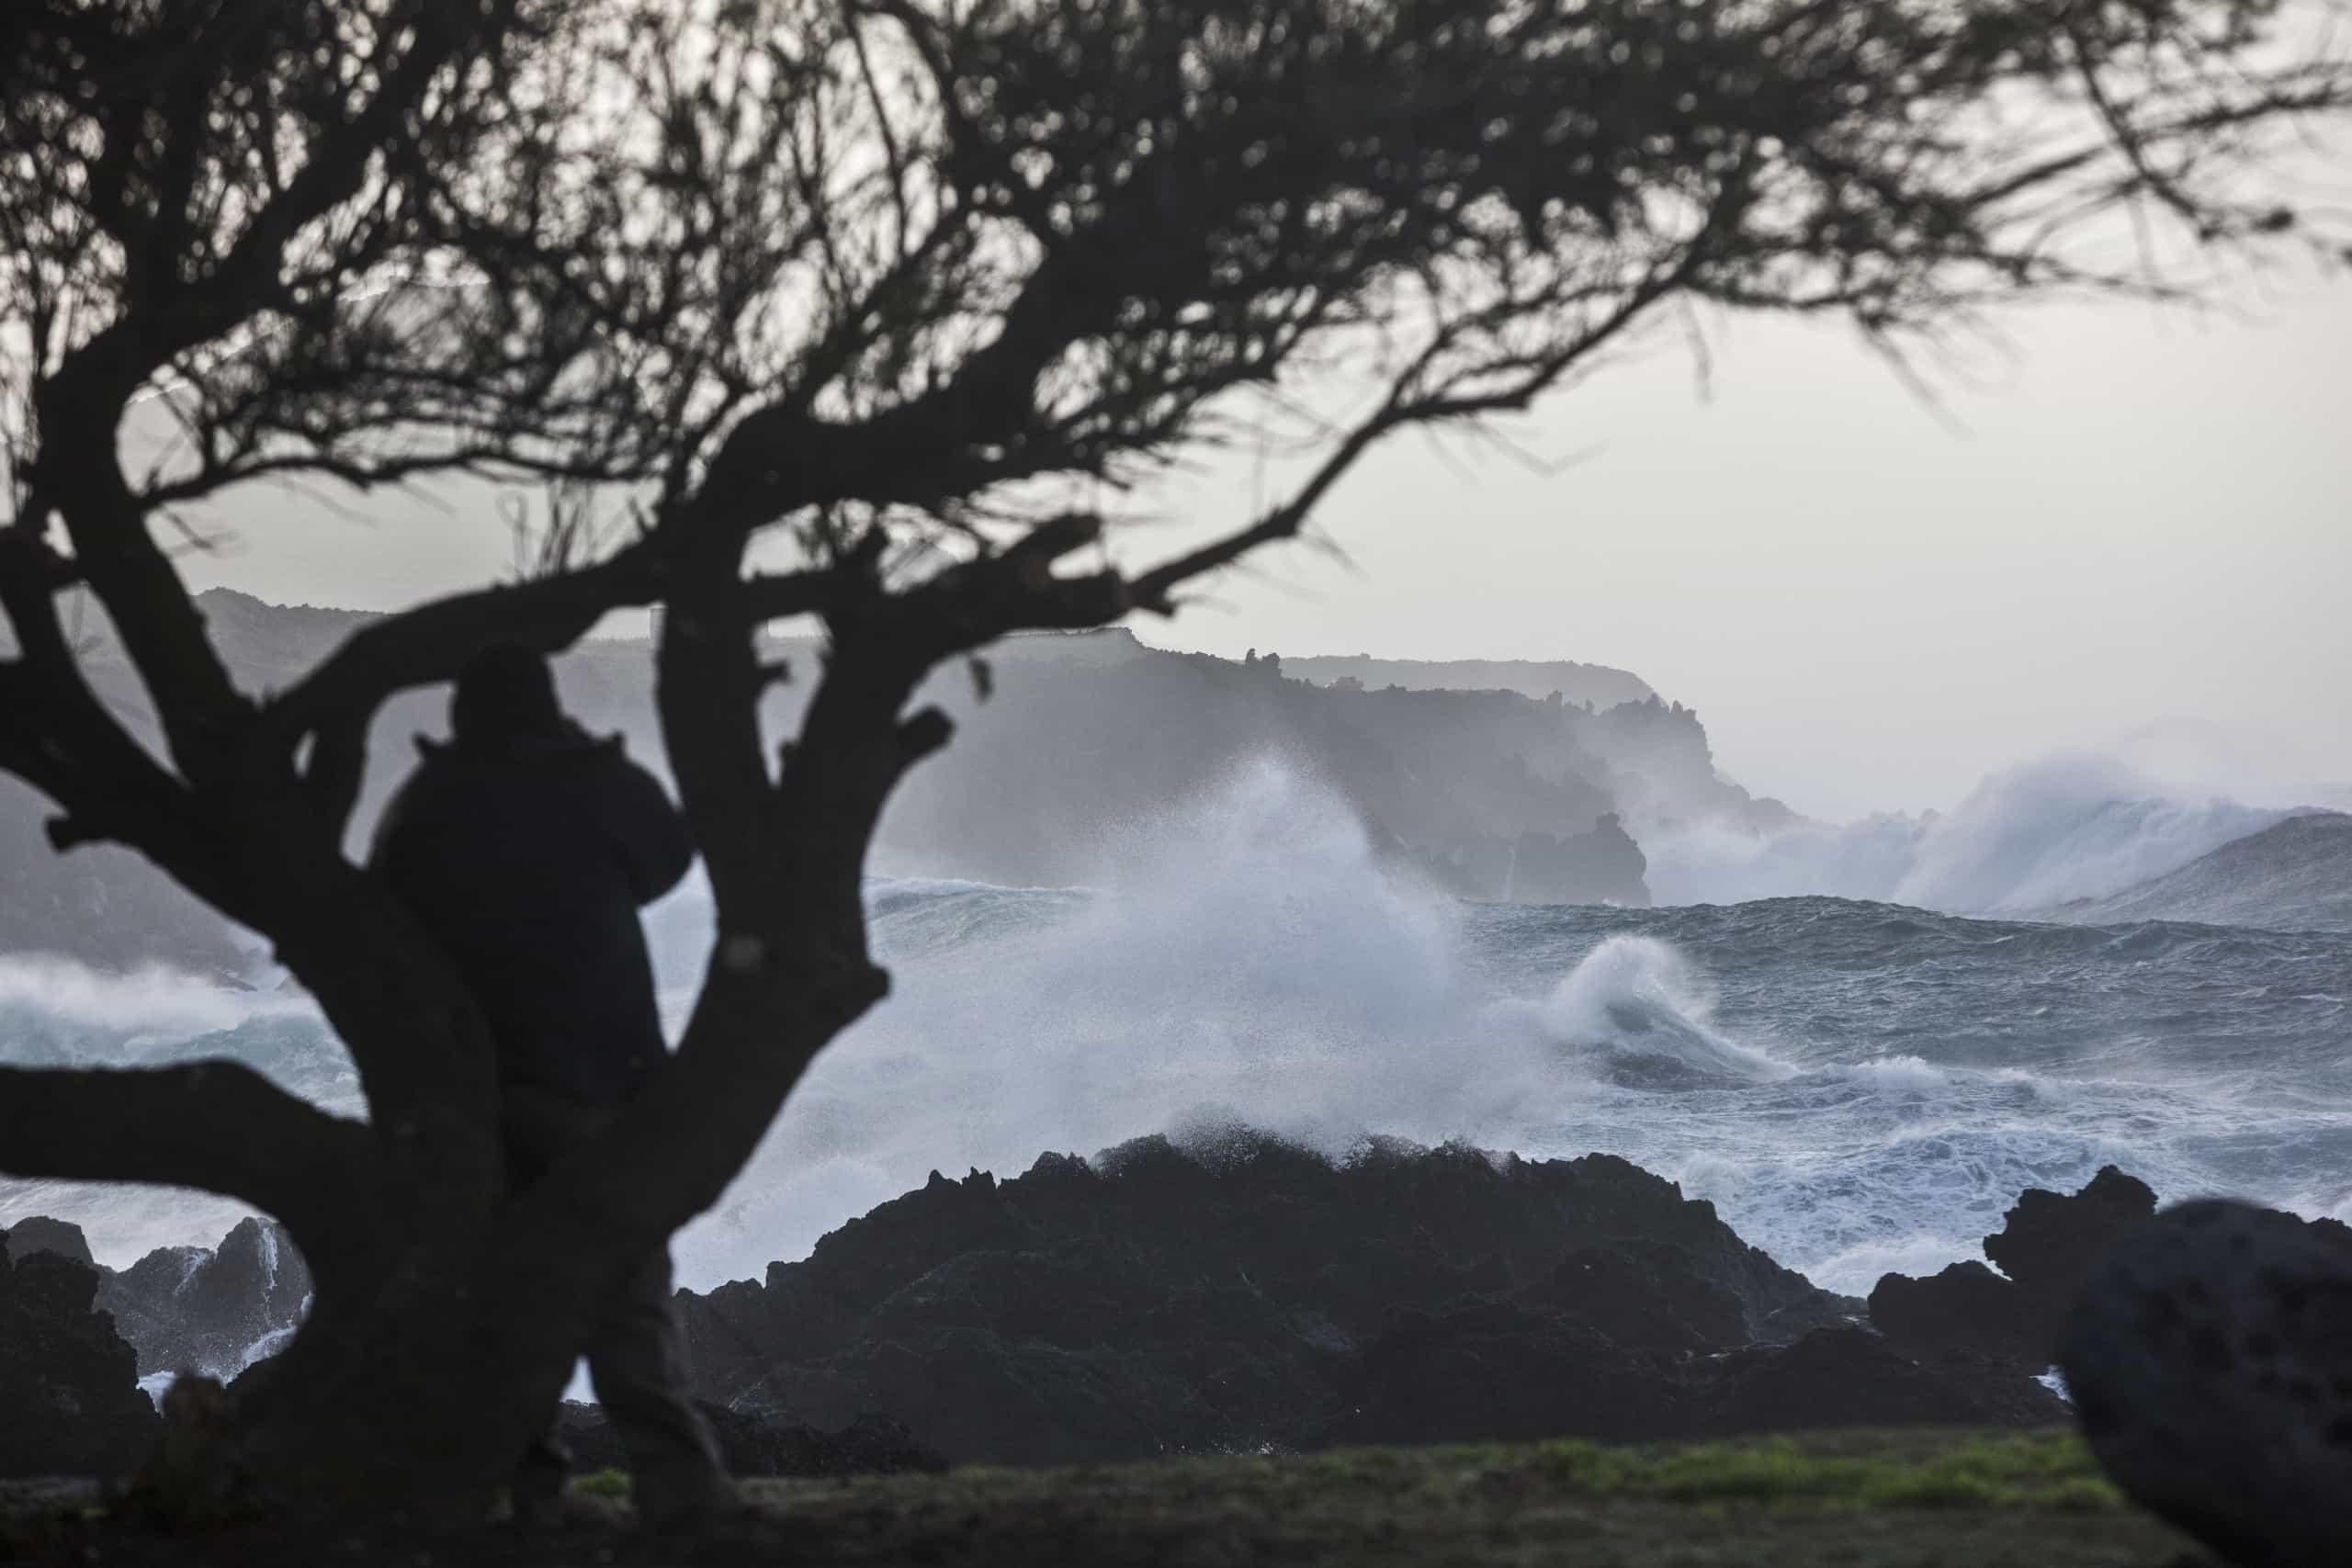 Agitação marítima provoca estragos nos portos da ilha das Flores